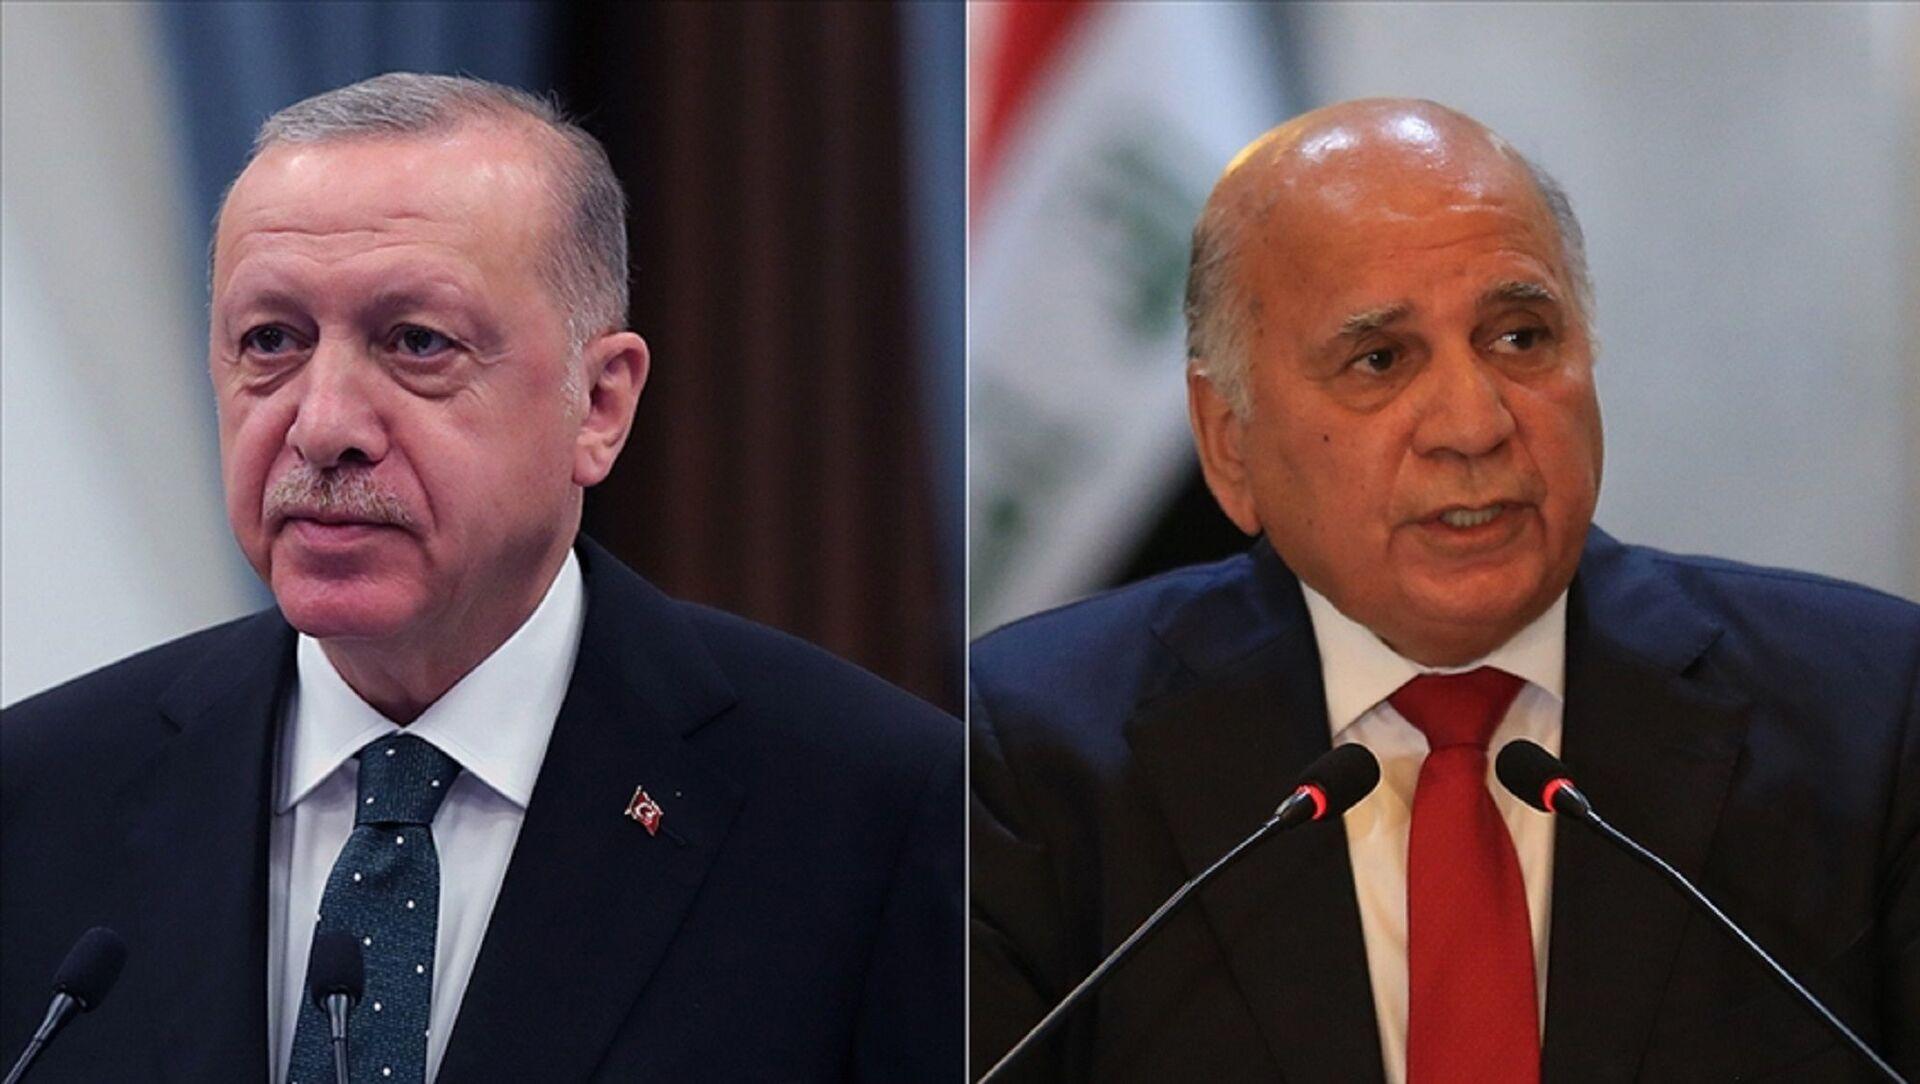 Türkiye Cumhurbaşkanı Recep Tayyip Erdoğan, Irak Dışişleri Bakanı Fuat Hüseyin - Sputnik Türkiye, 1920, 07.08.2021